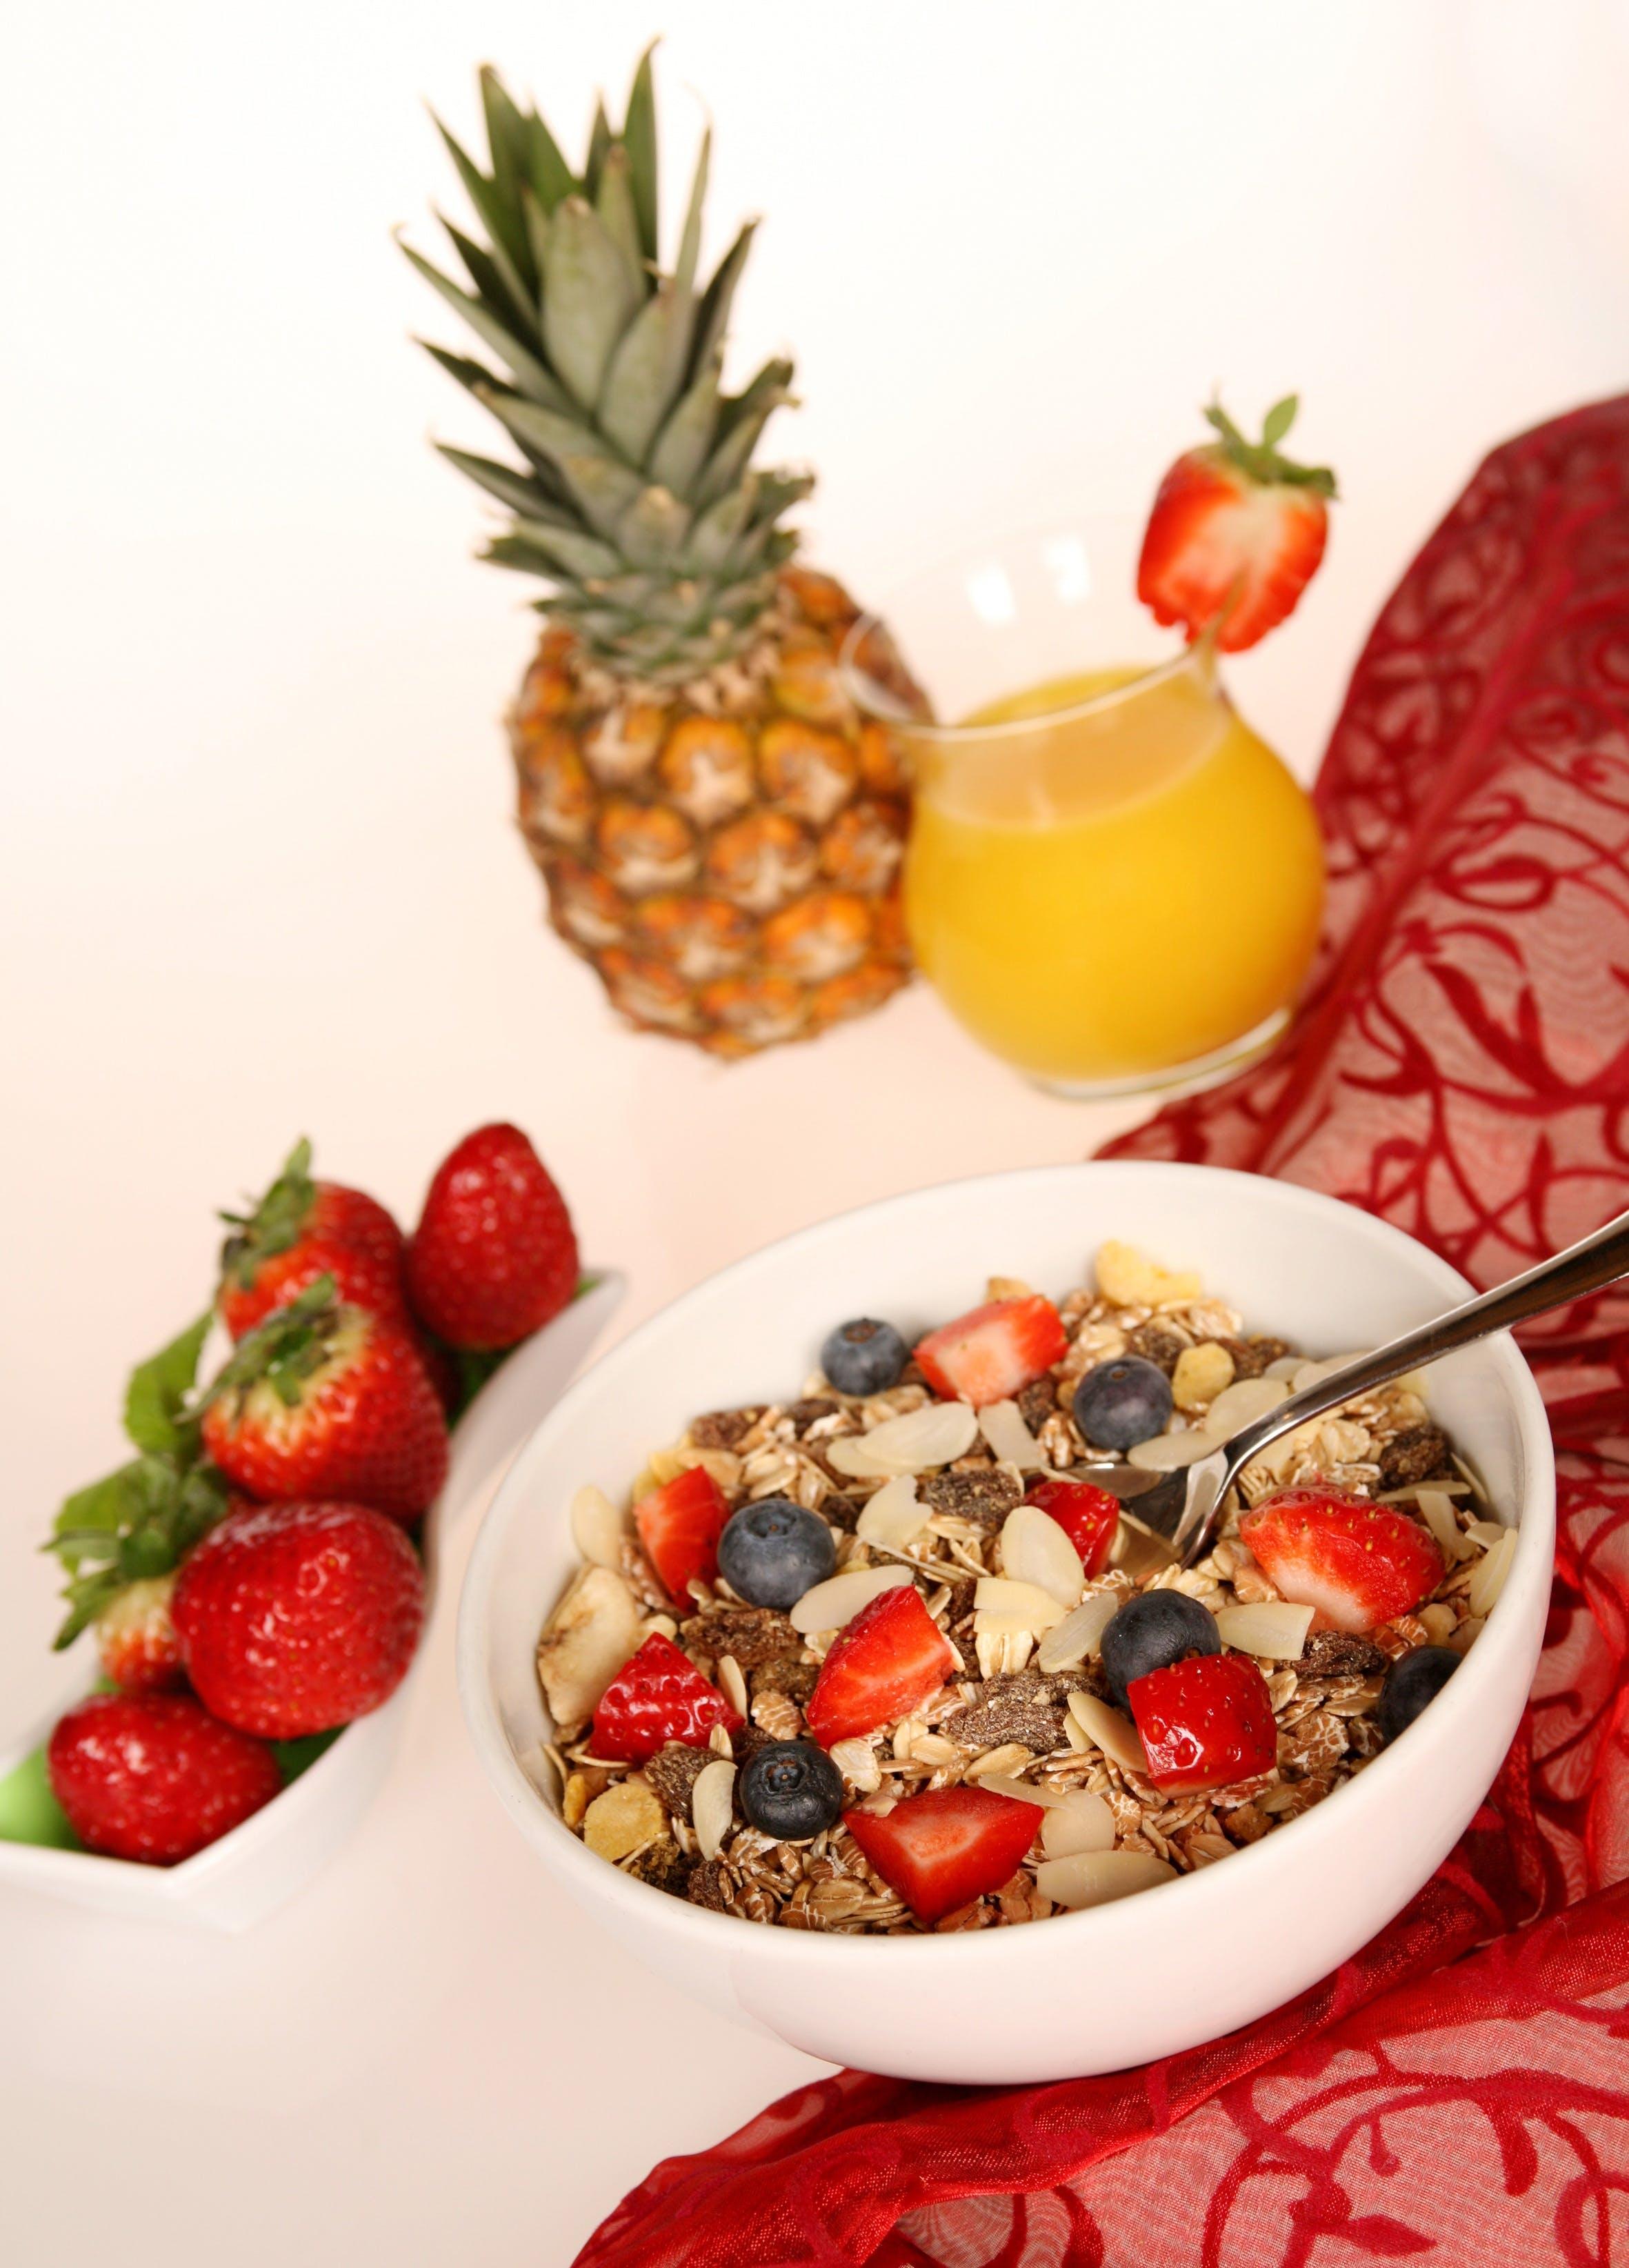 Kostnadsfri bild av ananas, apelsinjuice, blåbär, flingor